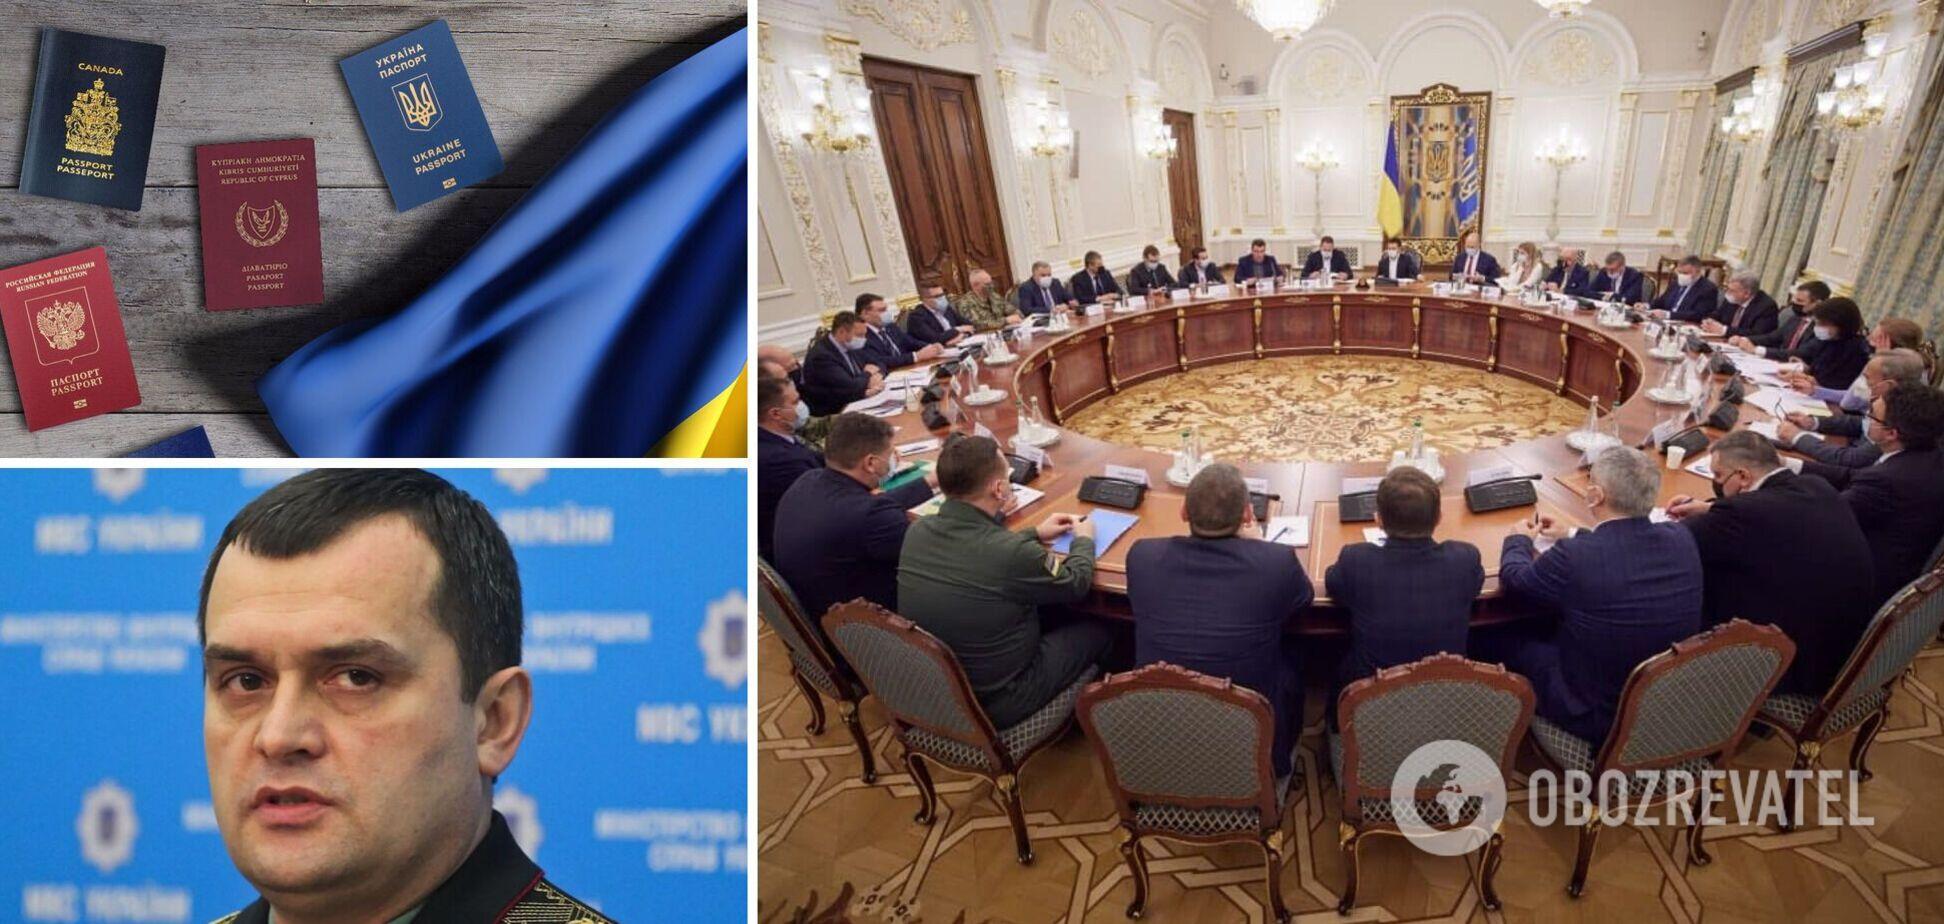 Нові санкції, контроль подвійного громадянства і повернення Криму: головні рішення РНБО